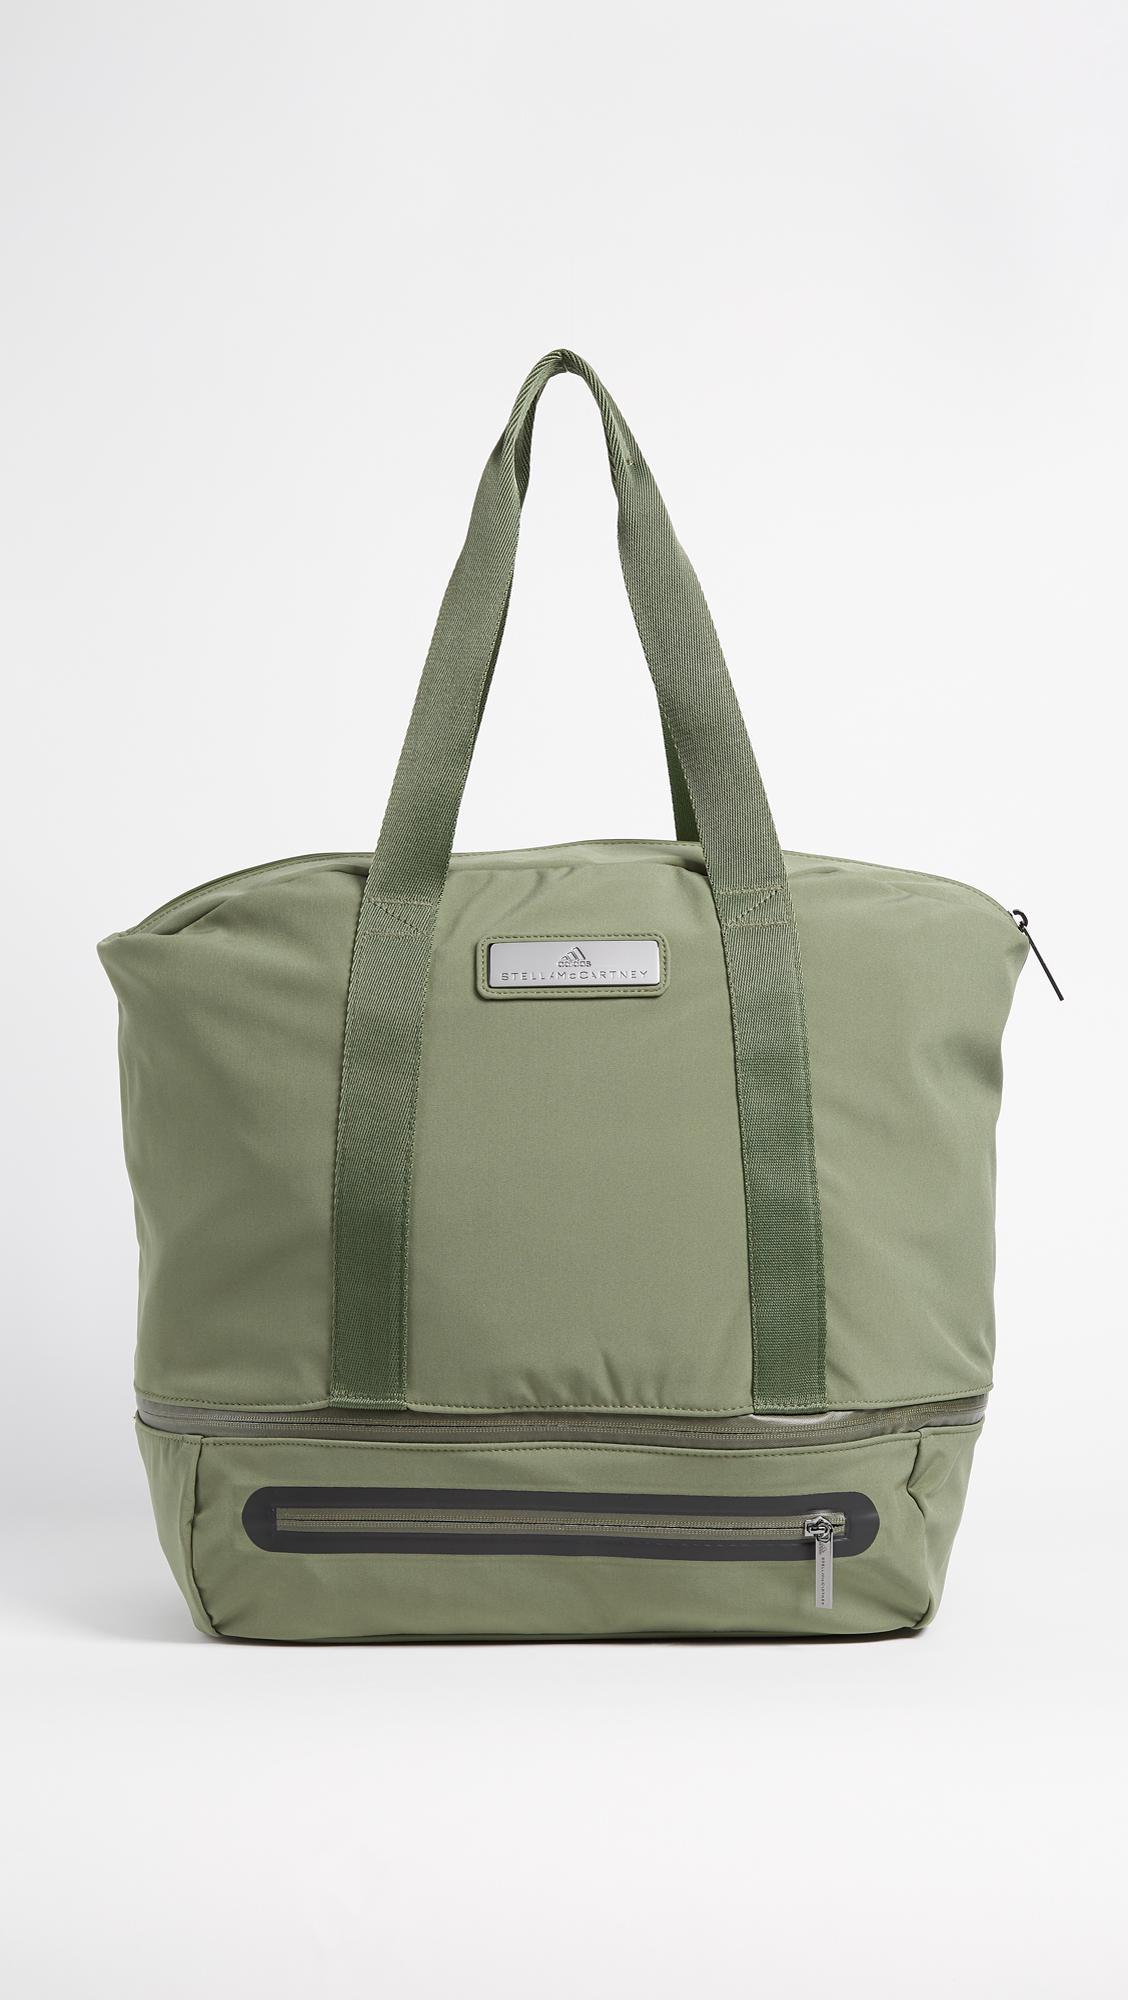 0b5ef10f7d Lyst - Adidas By Stella Mccartney Iconic Bag in Green